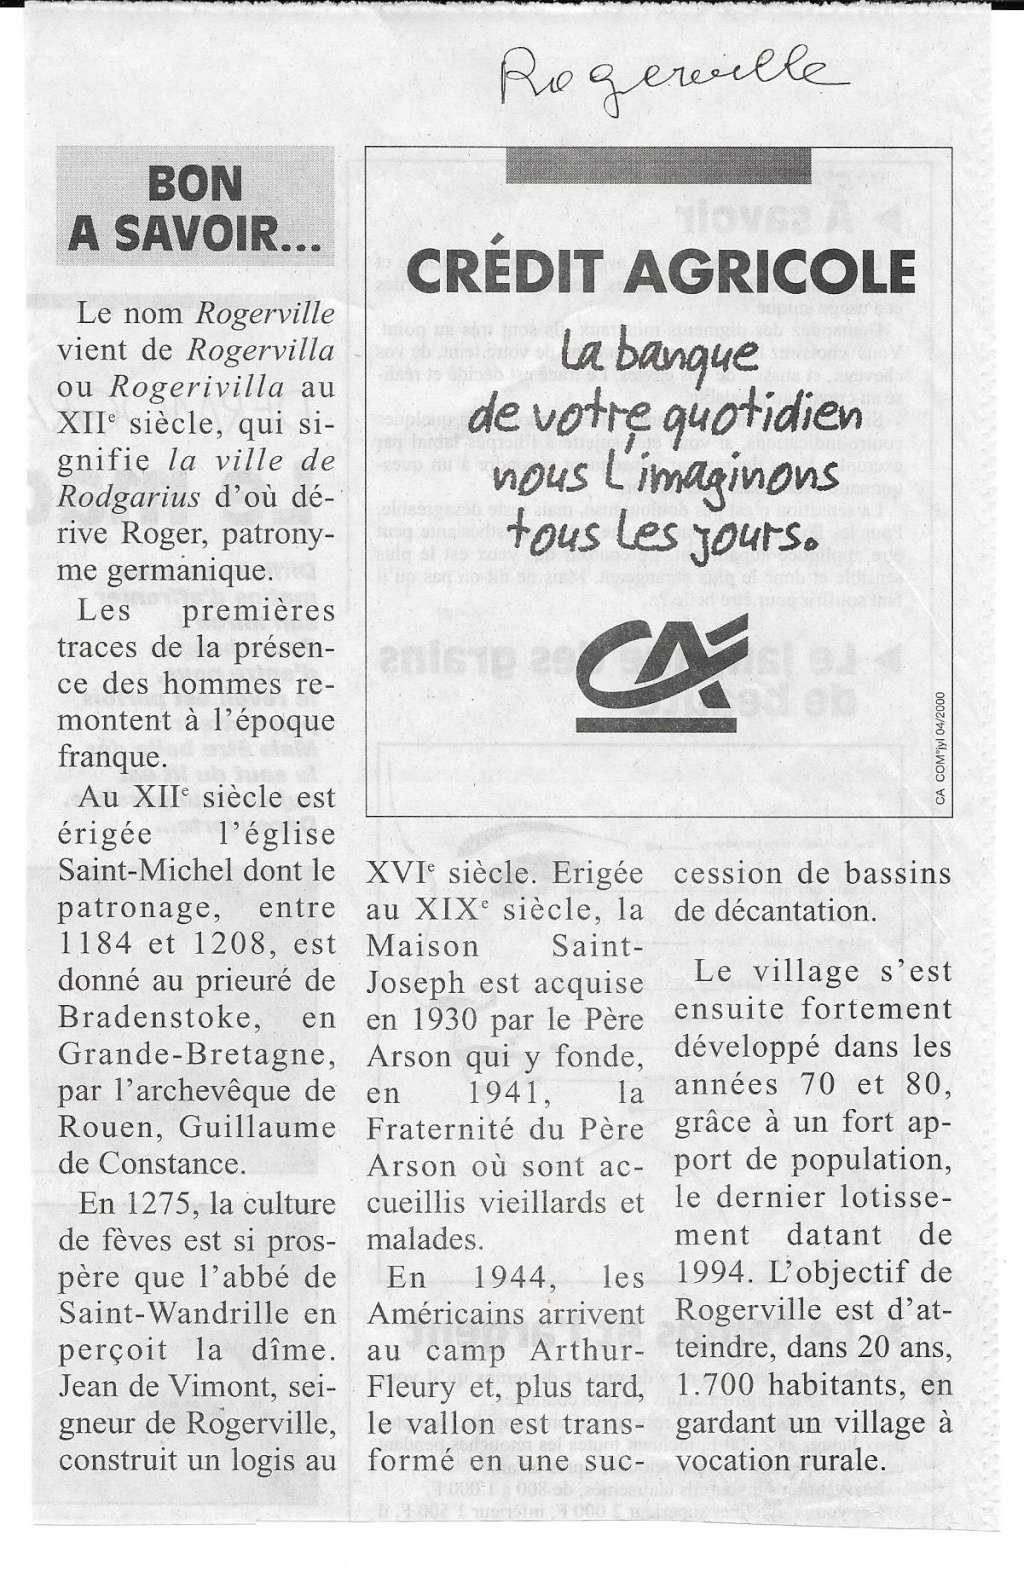 Histoire des communes - Rogerville 225